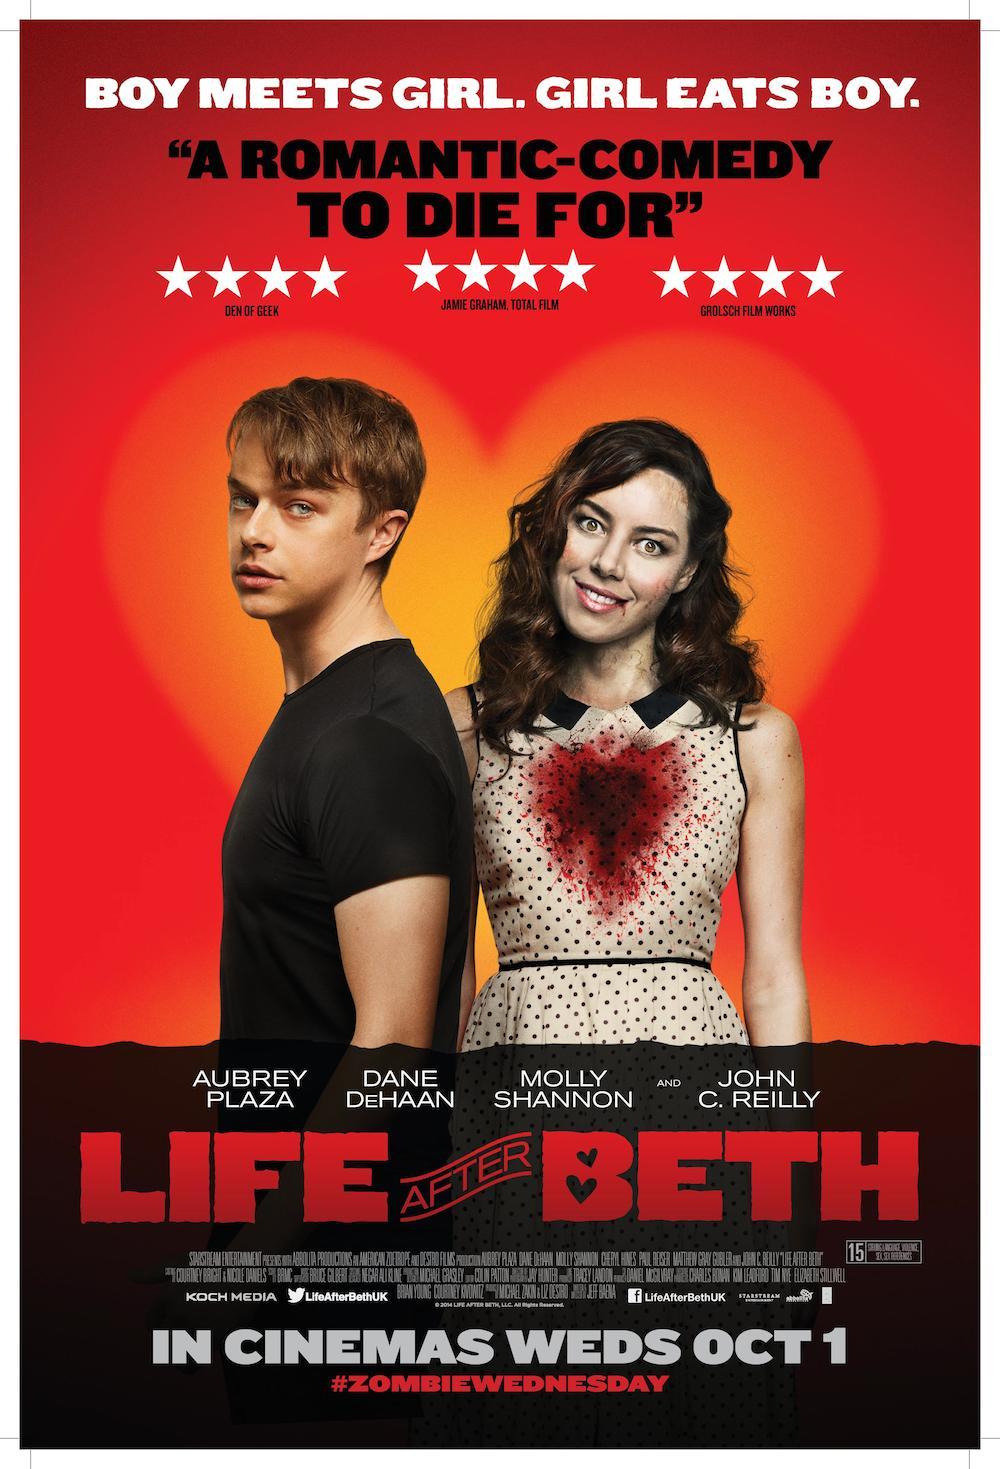 مشاهدة فيلم Life After Beth مترجم اون لاين